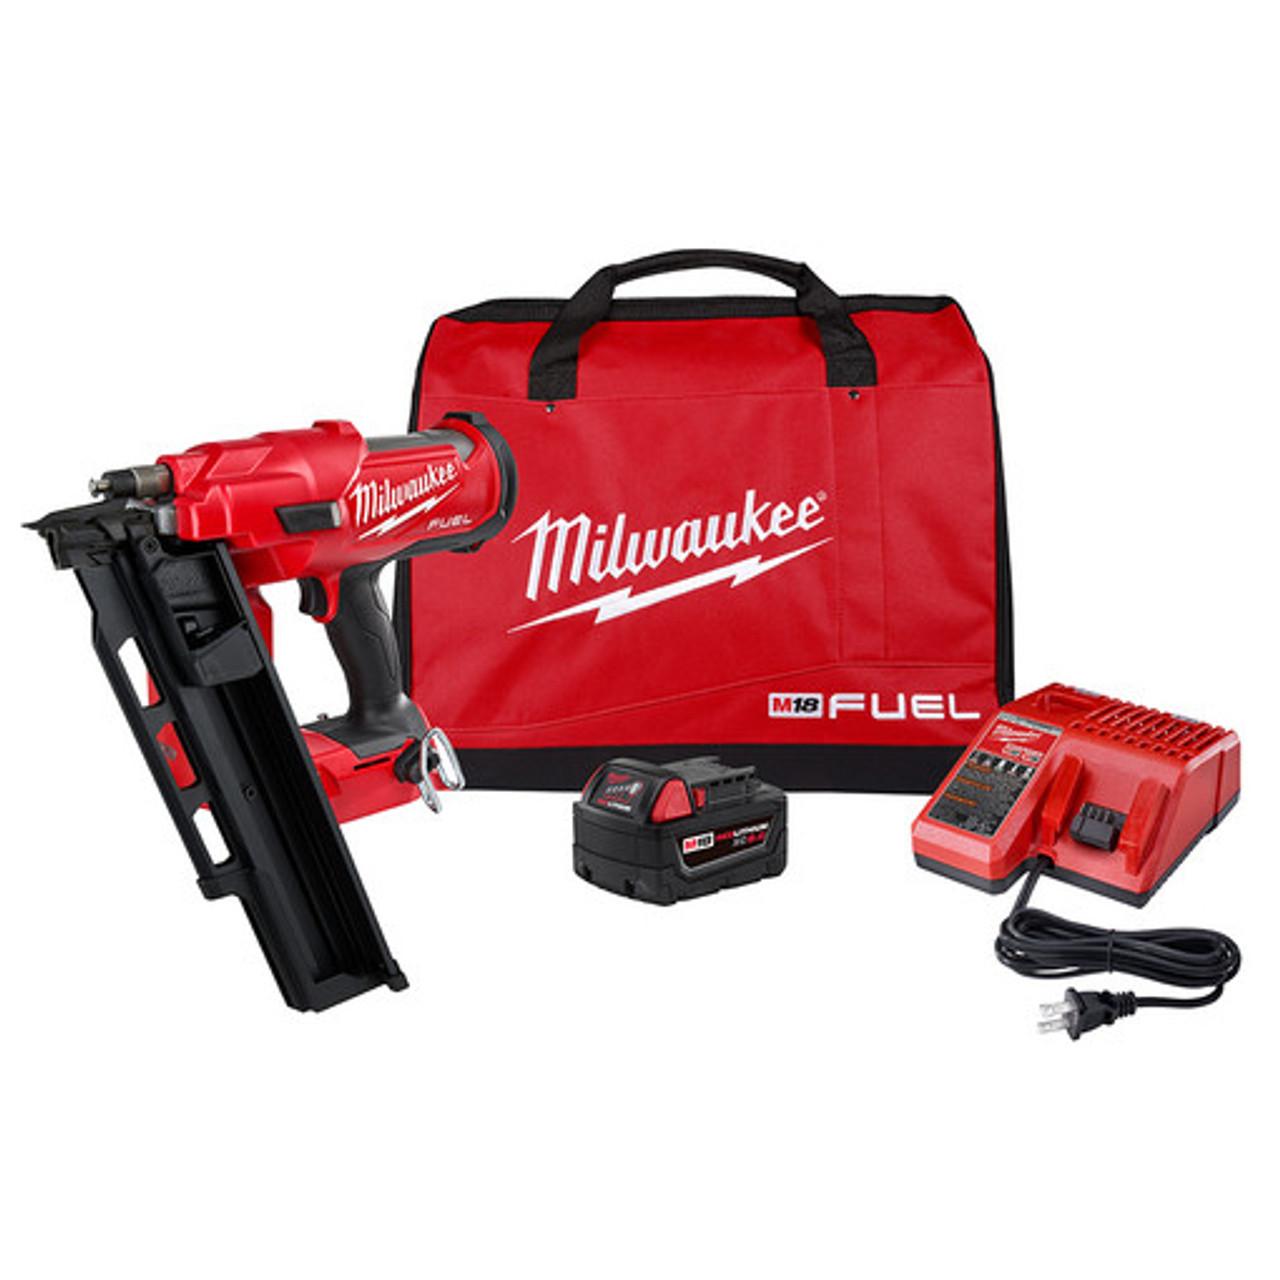 Milwaukee 2744-21 M18 FUEL 21 Degree Framing Nailer Kit